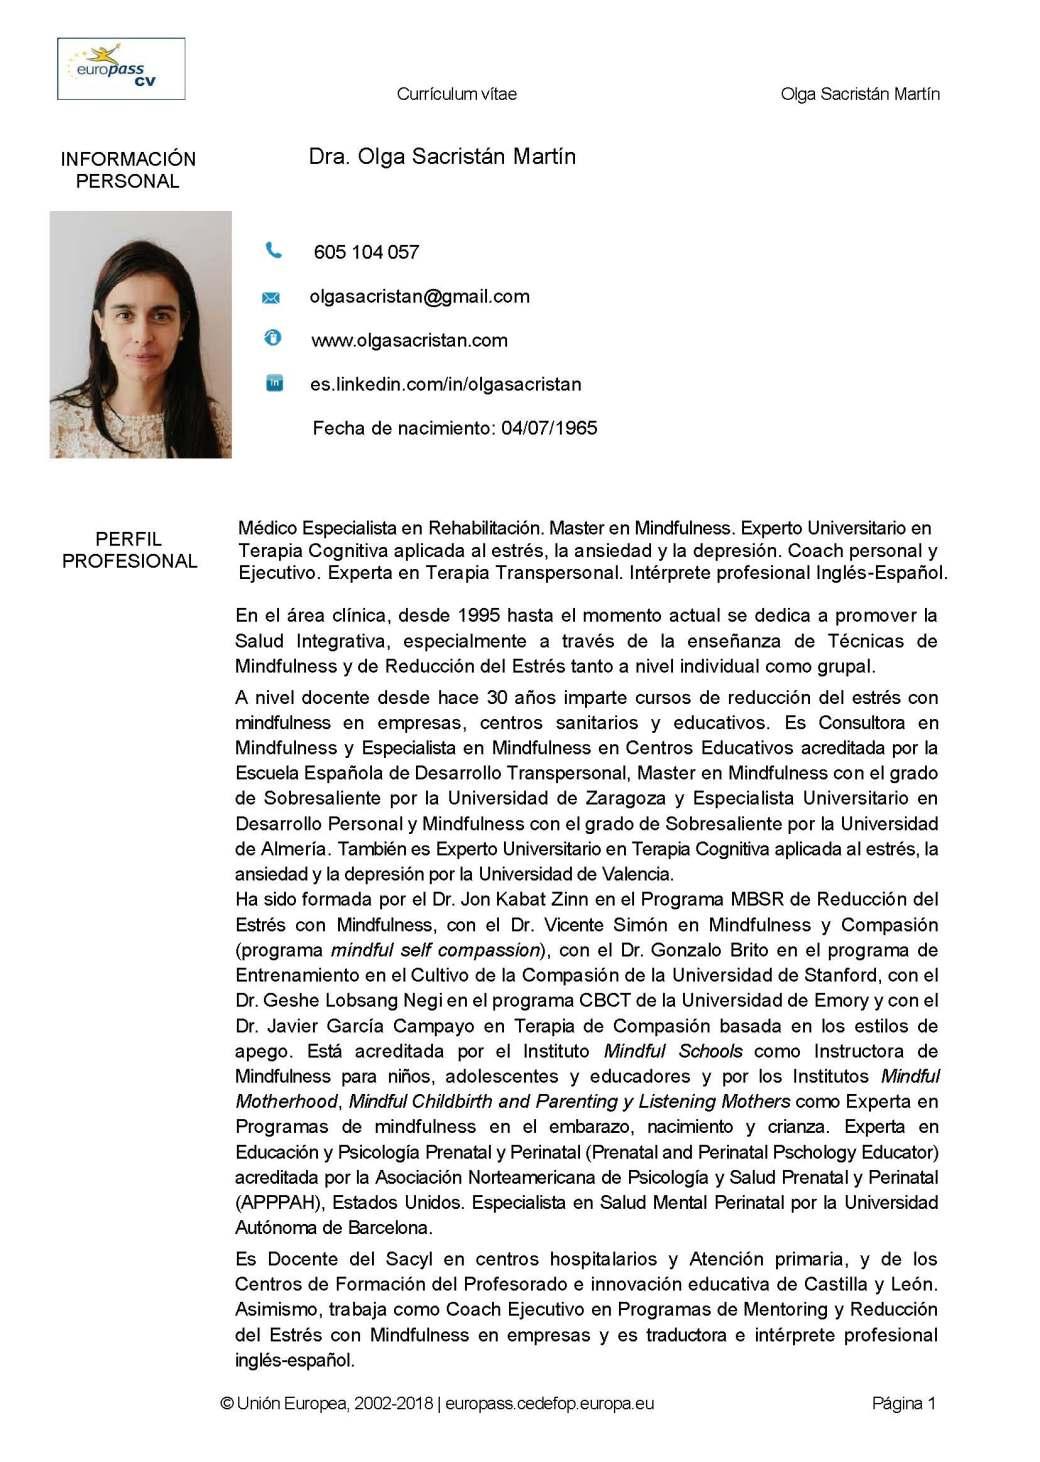 CURRICULUM EUROPASS DRA. OLGA SACRISTAN 2019_Página_01